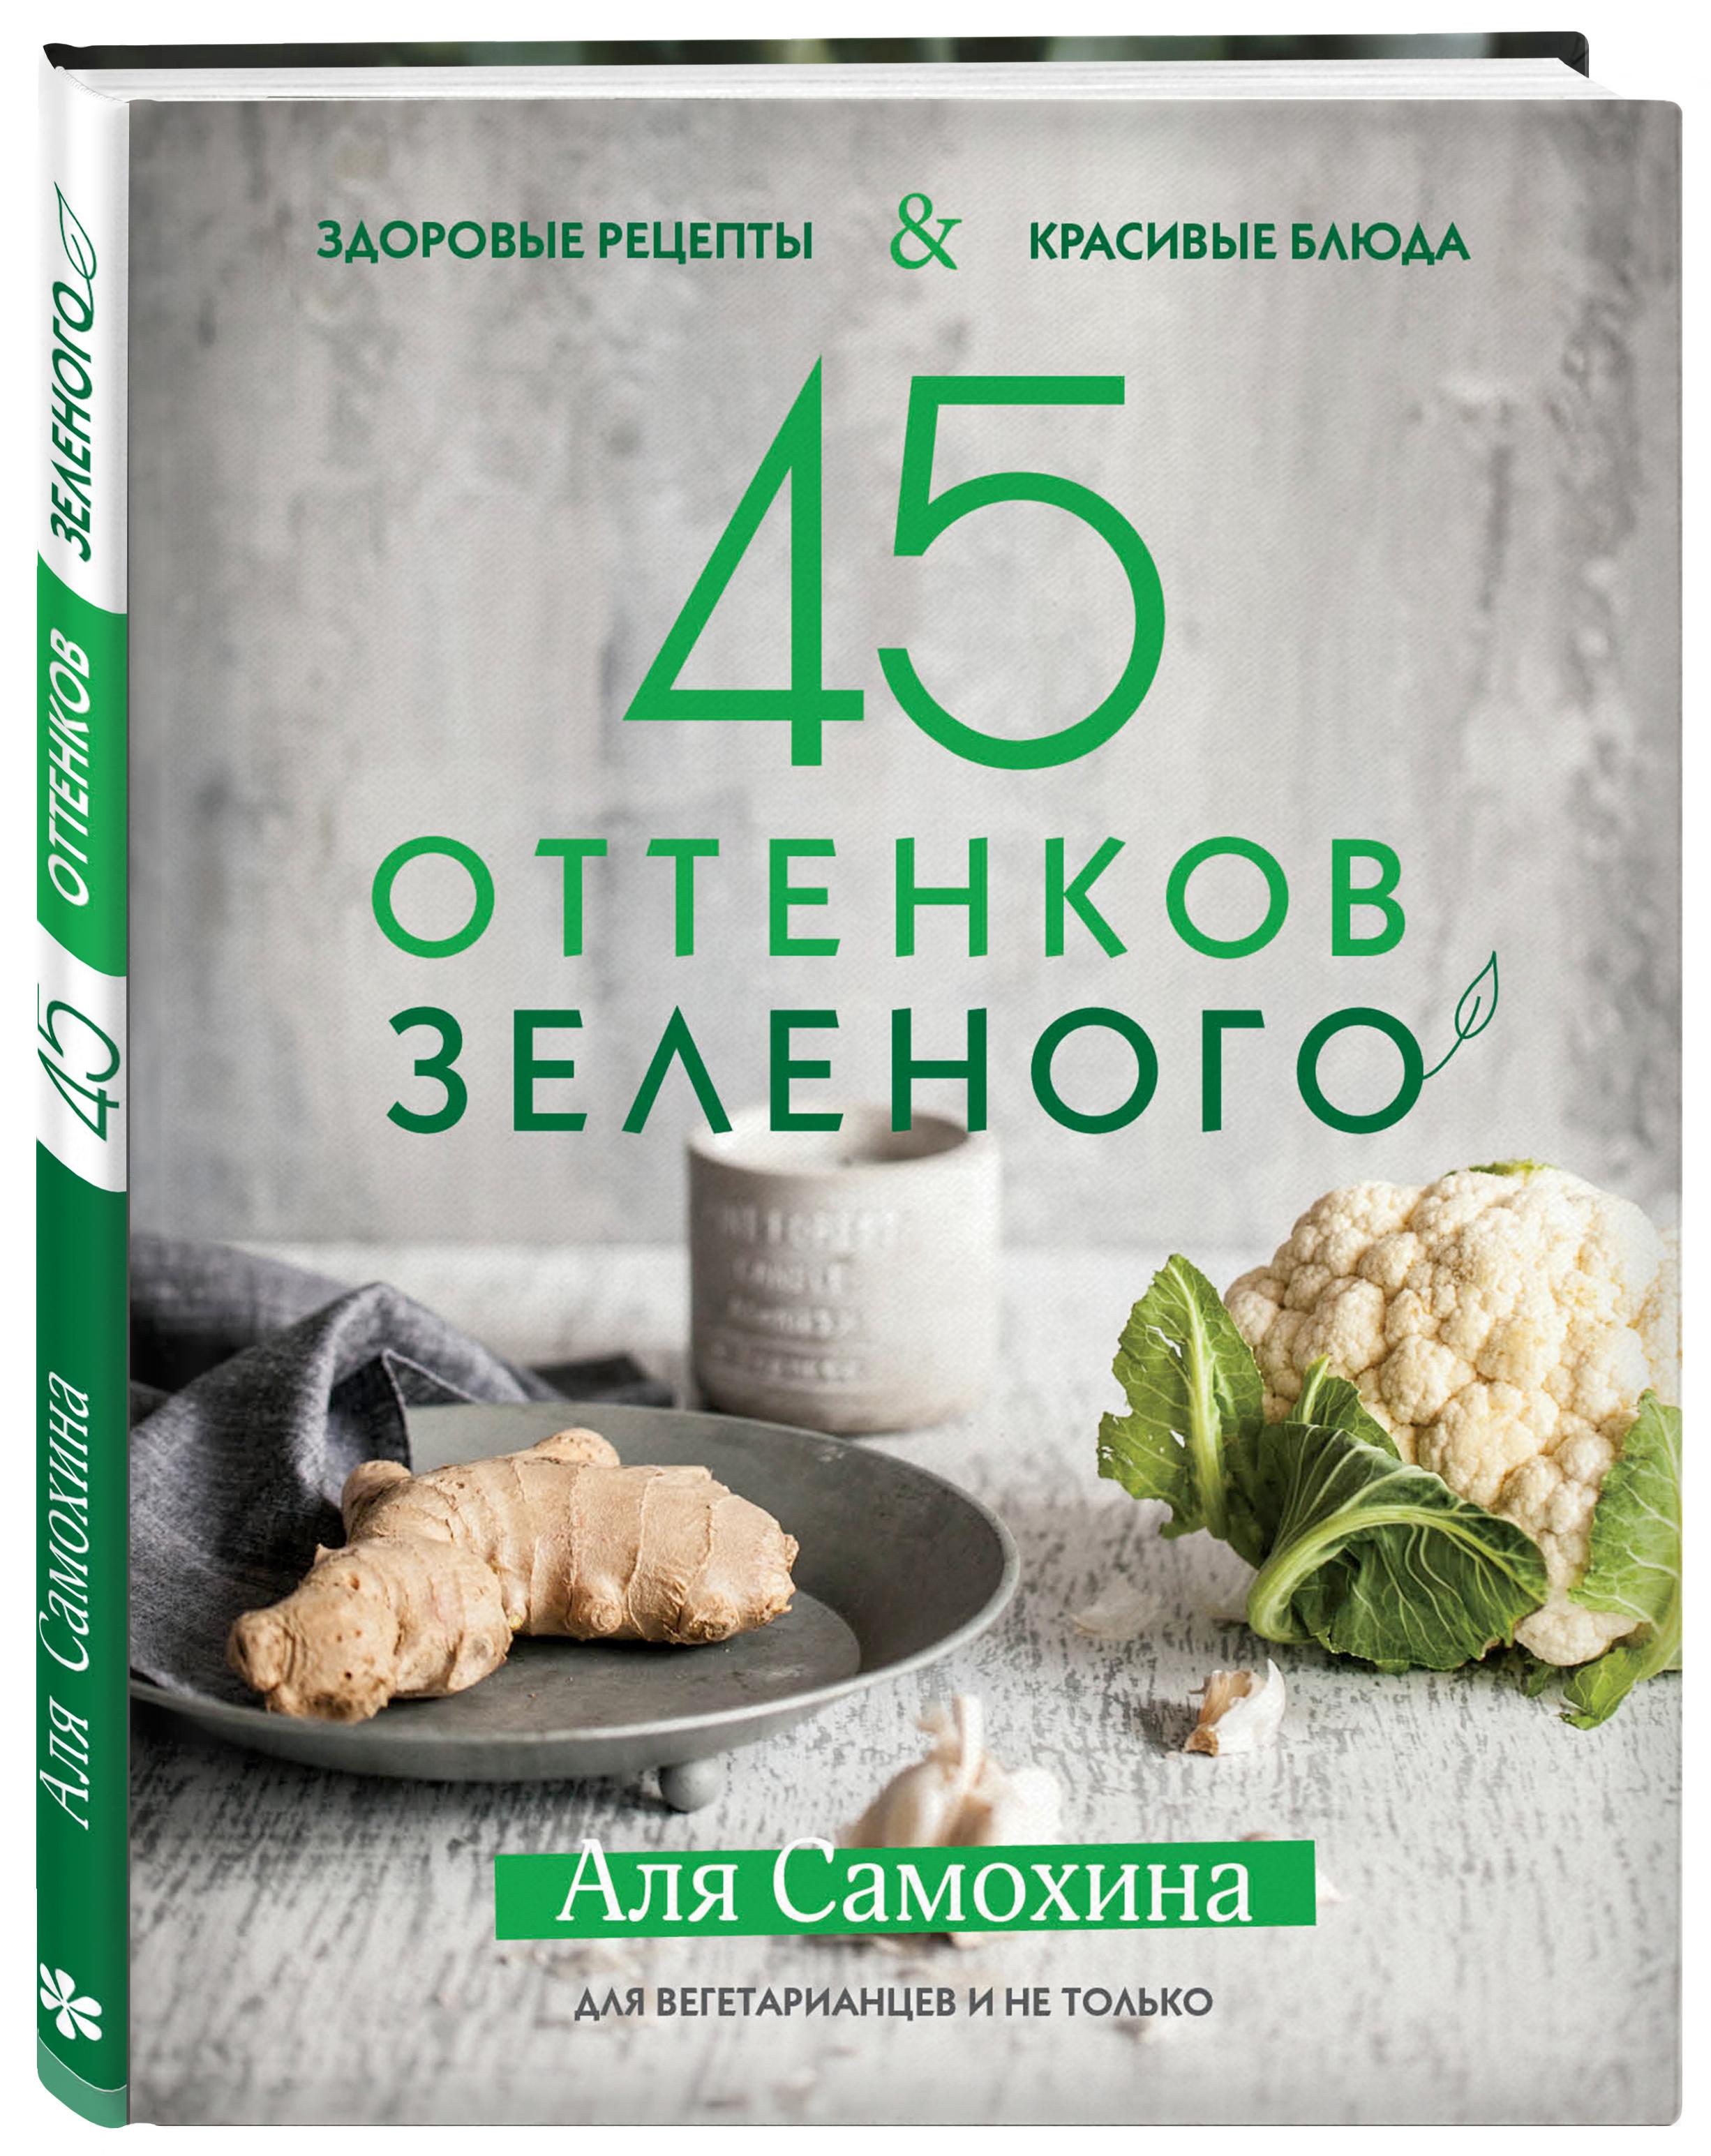 45 оттенков зеленого. Здоровые рецепты и красивые блюда. Для вегетарианцев и не только фото